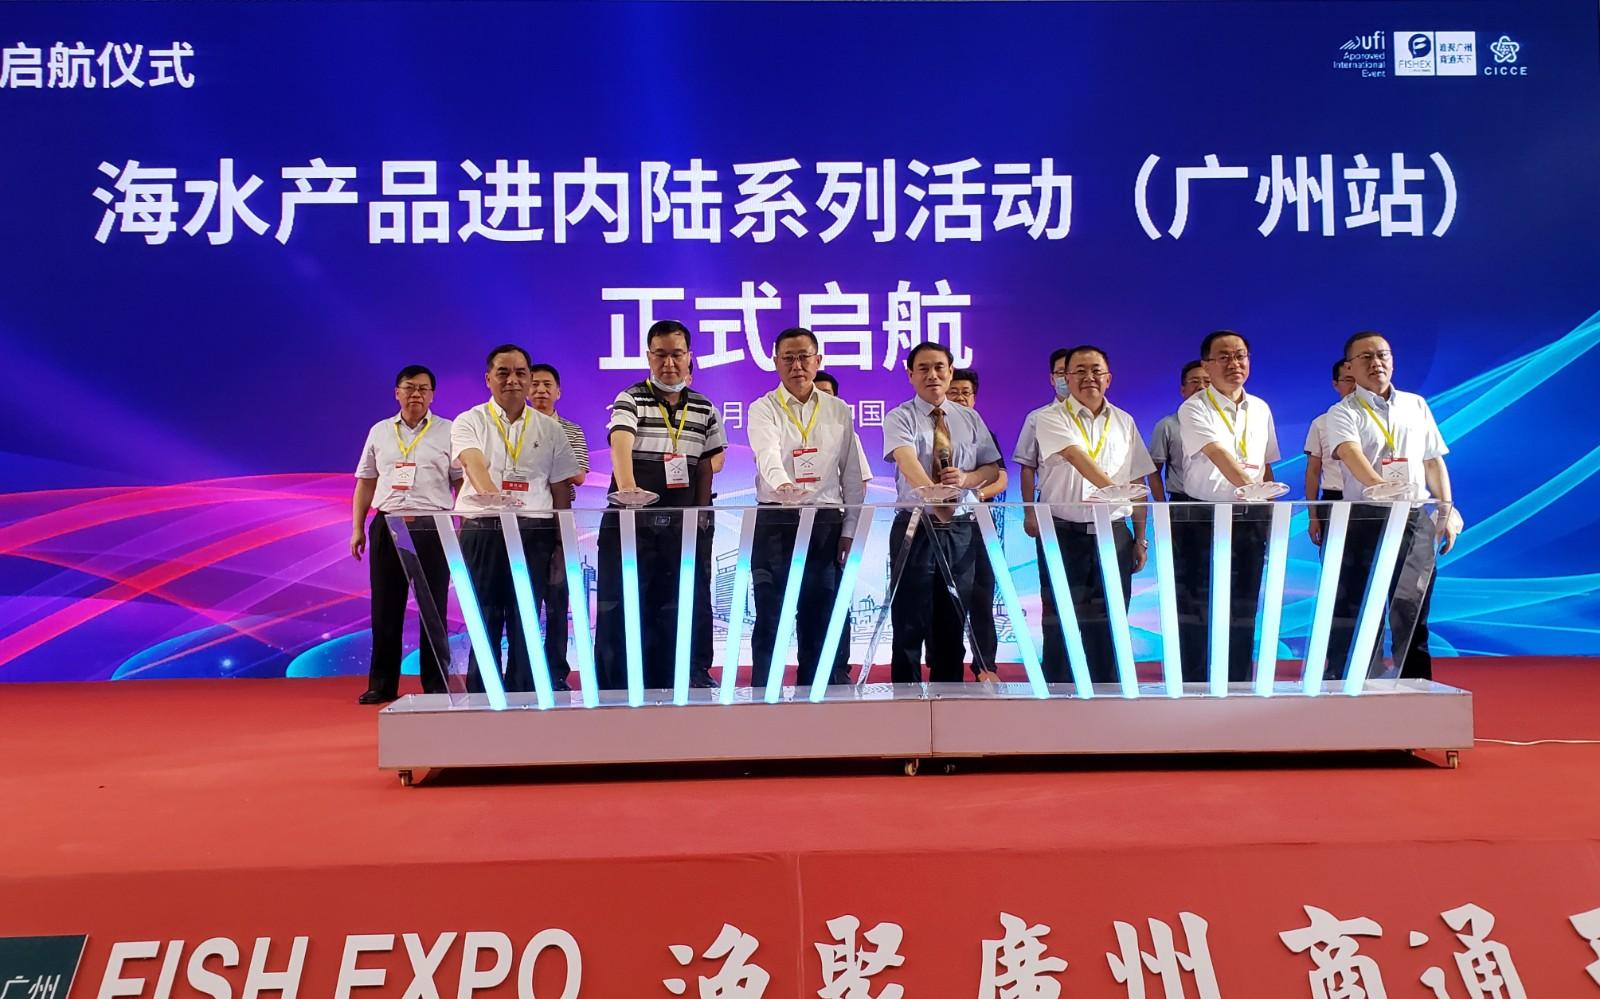 推动水产品流通 丰富群众菜篮子 改善膳食营养结构 海水产品进内陆系列活动在广州启航